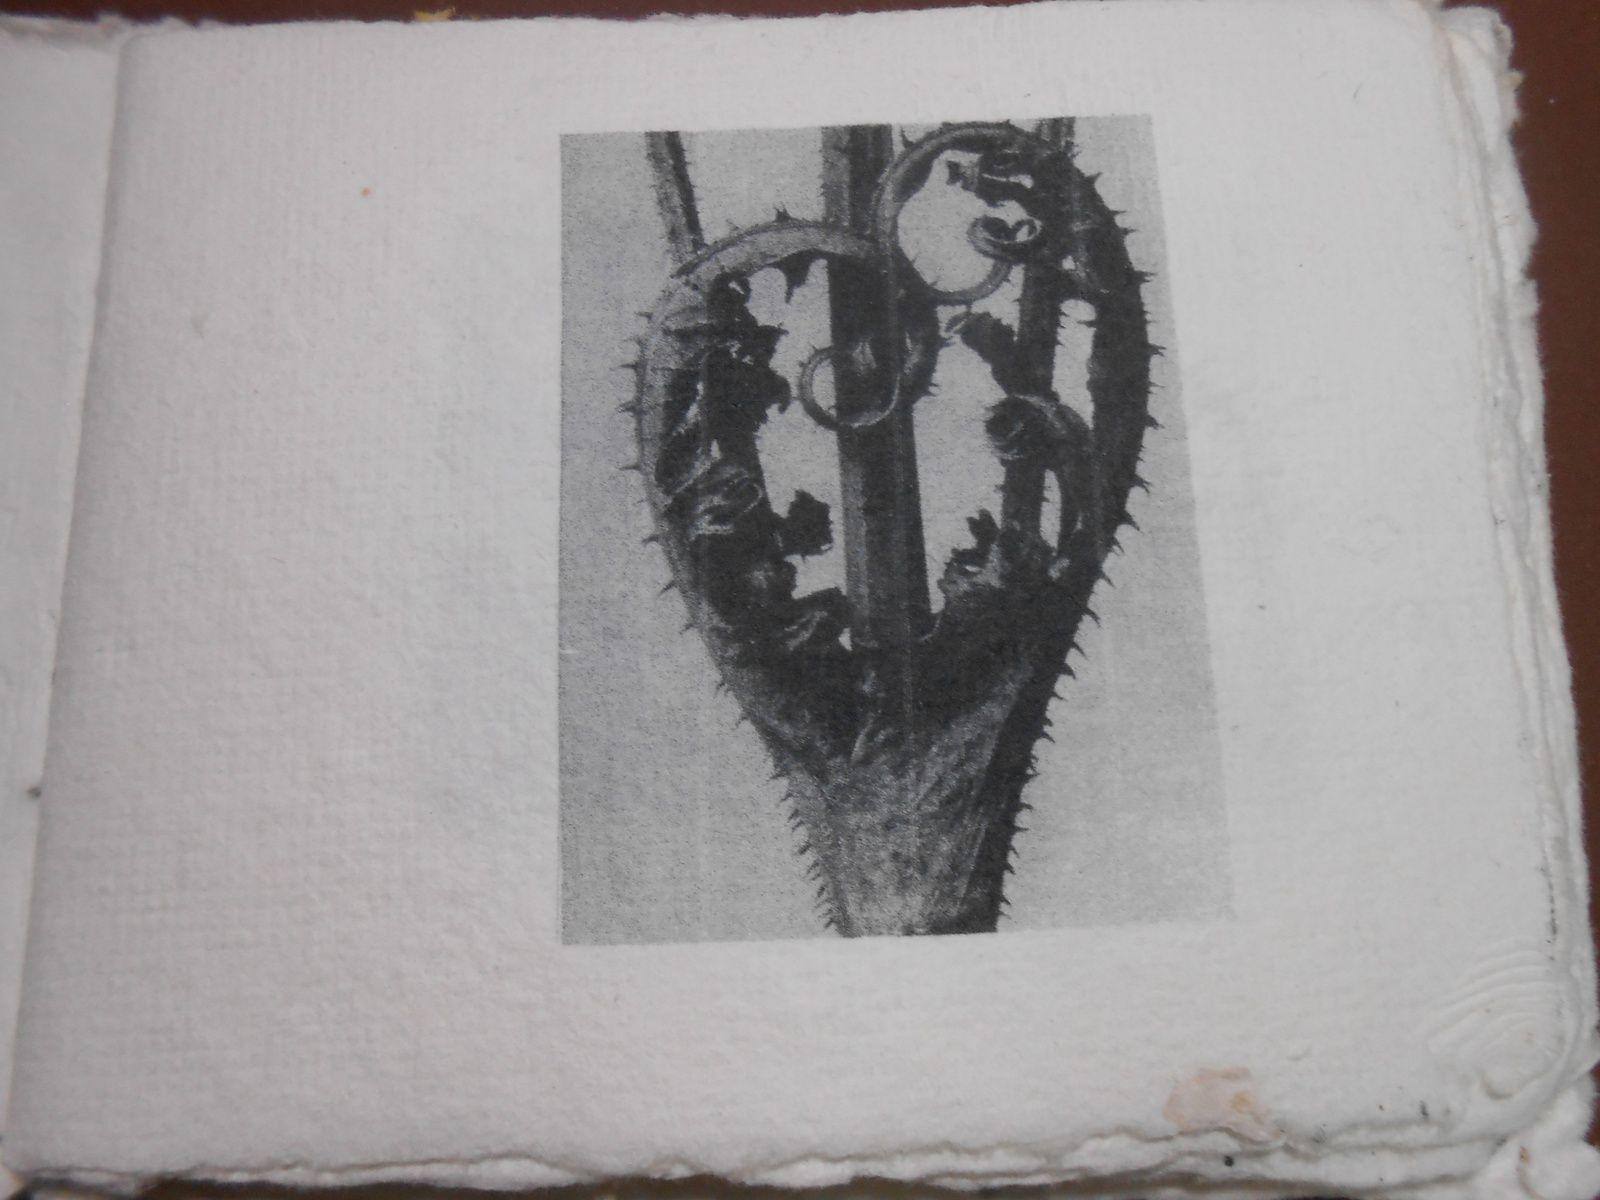 Les photos de Karl Blossfeld sur papier fait main